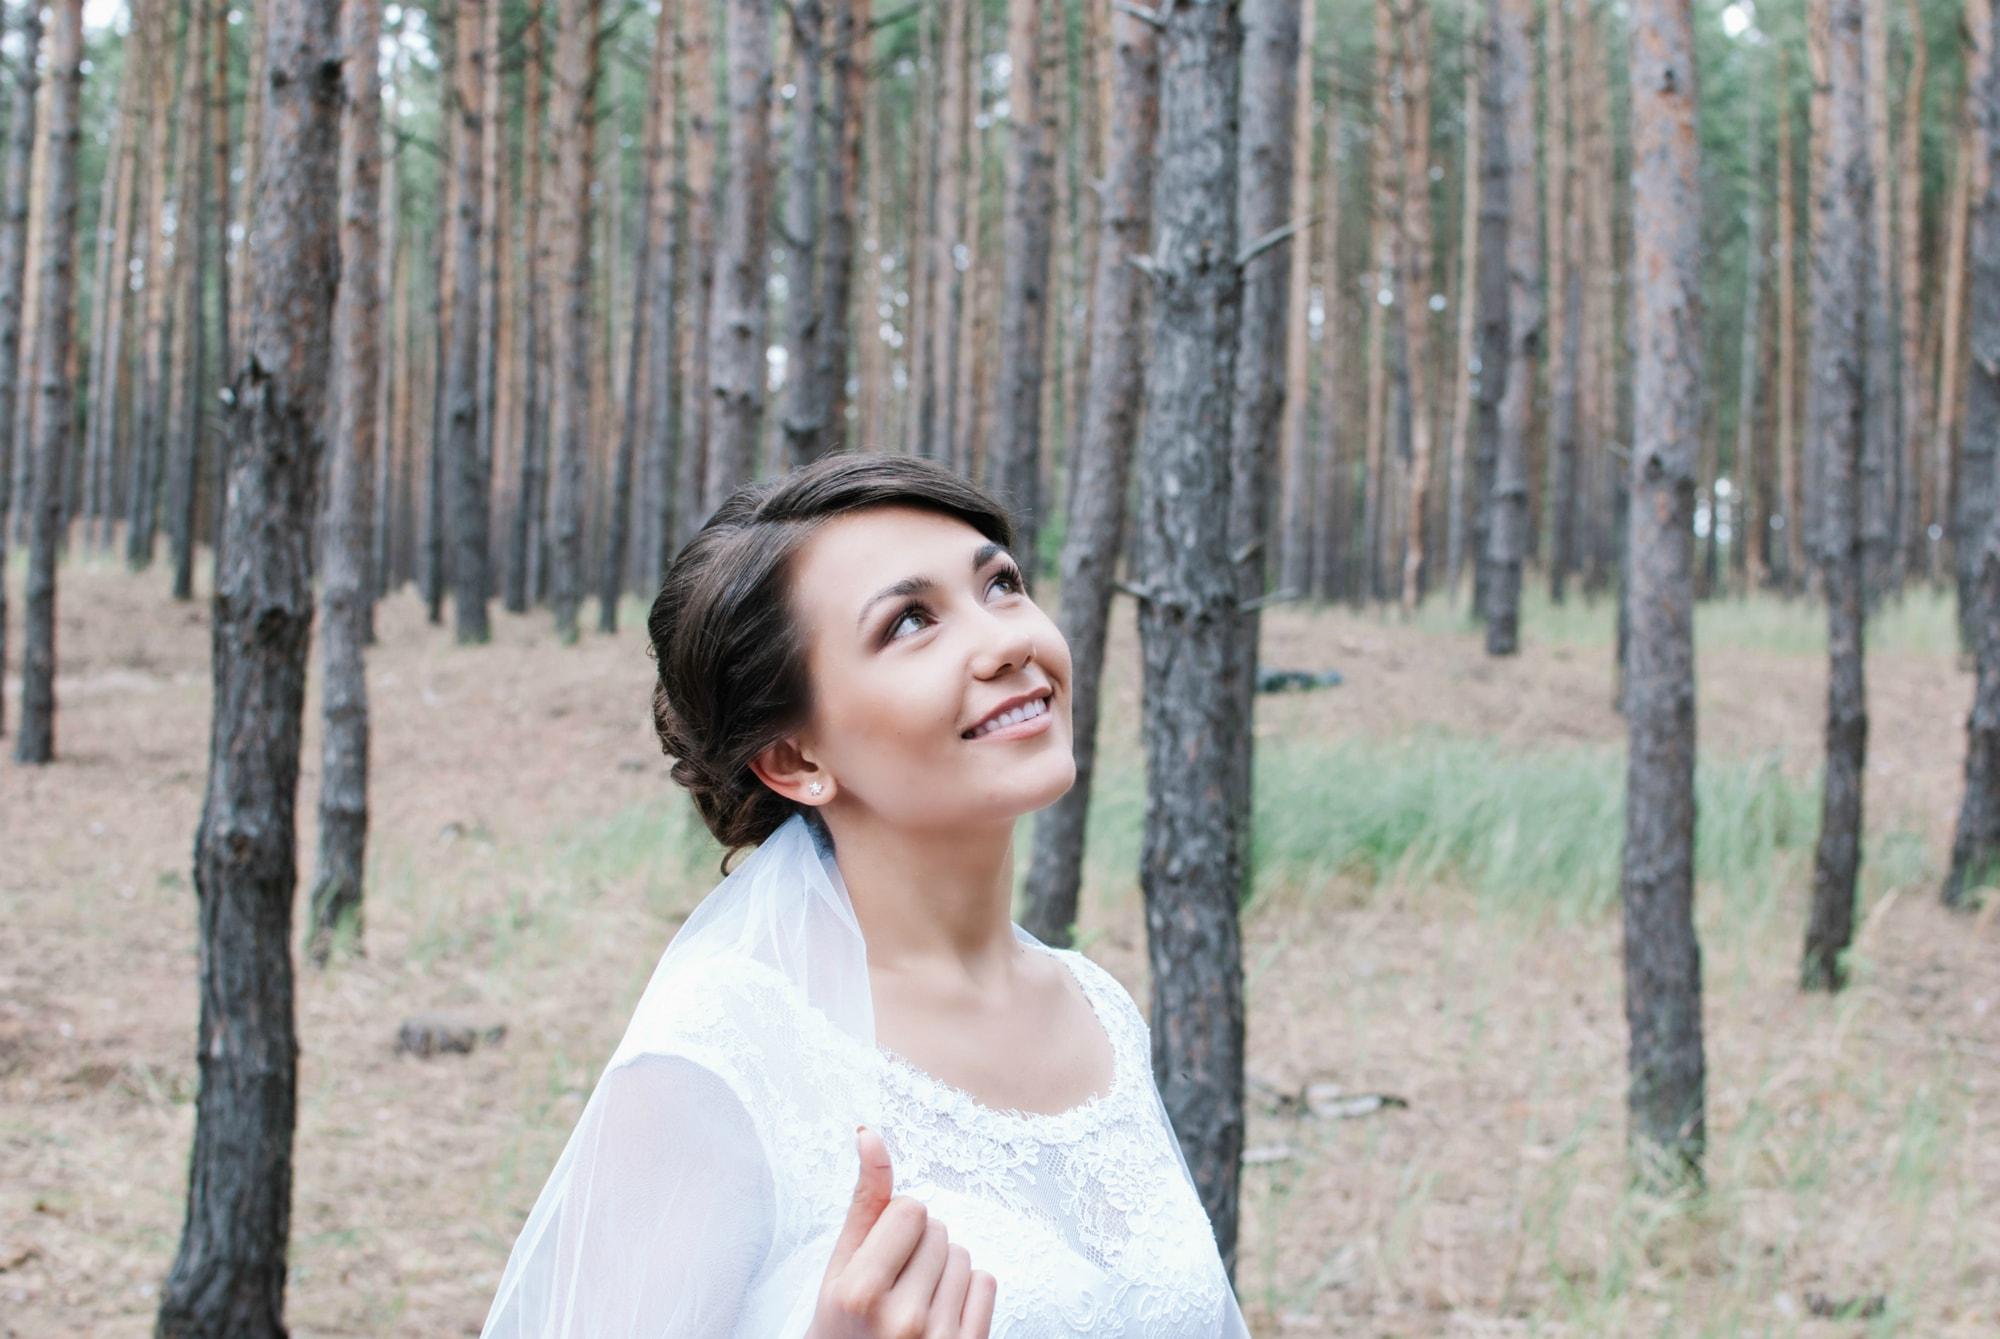 Мечты невесты в лесу - Фотограф Киев - Женя Лайт